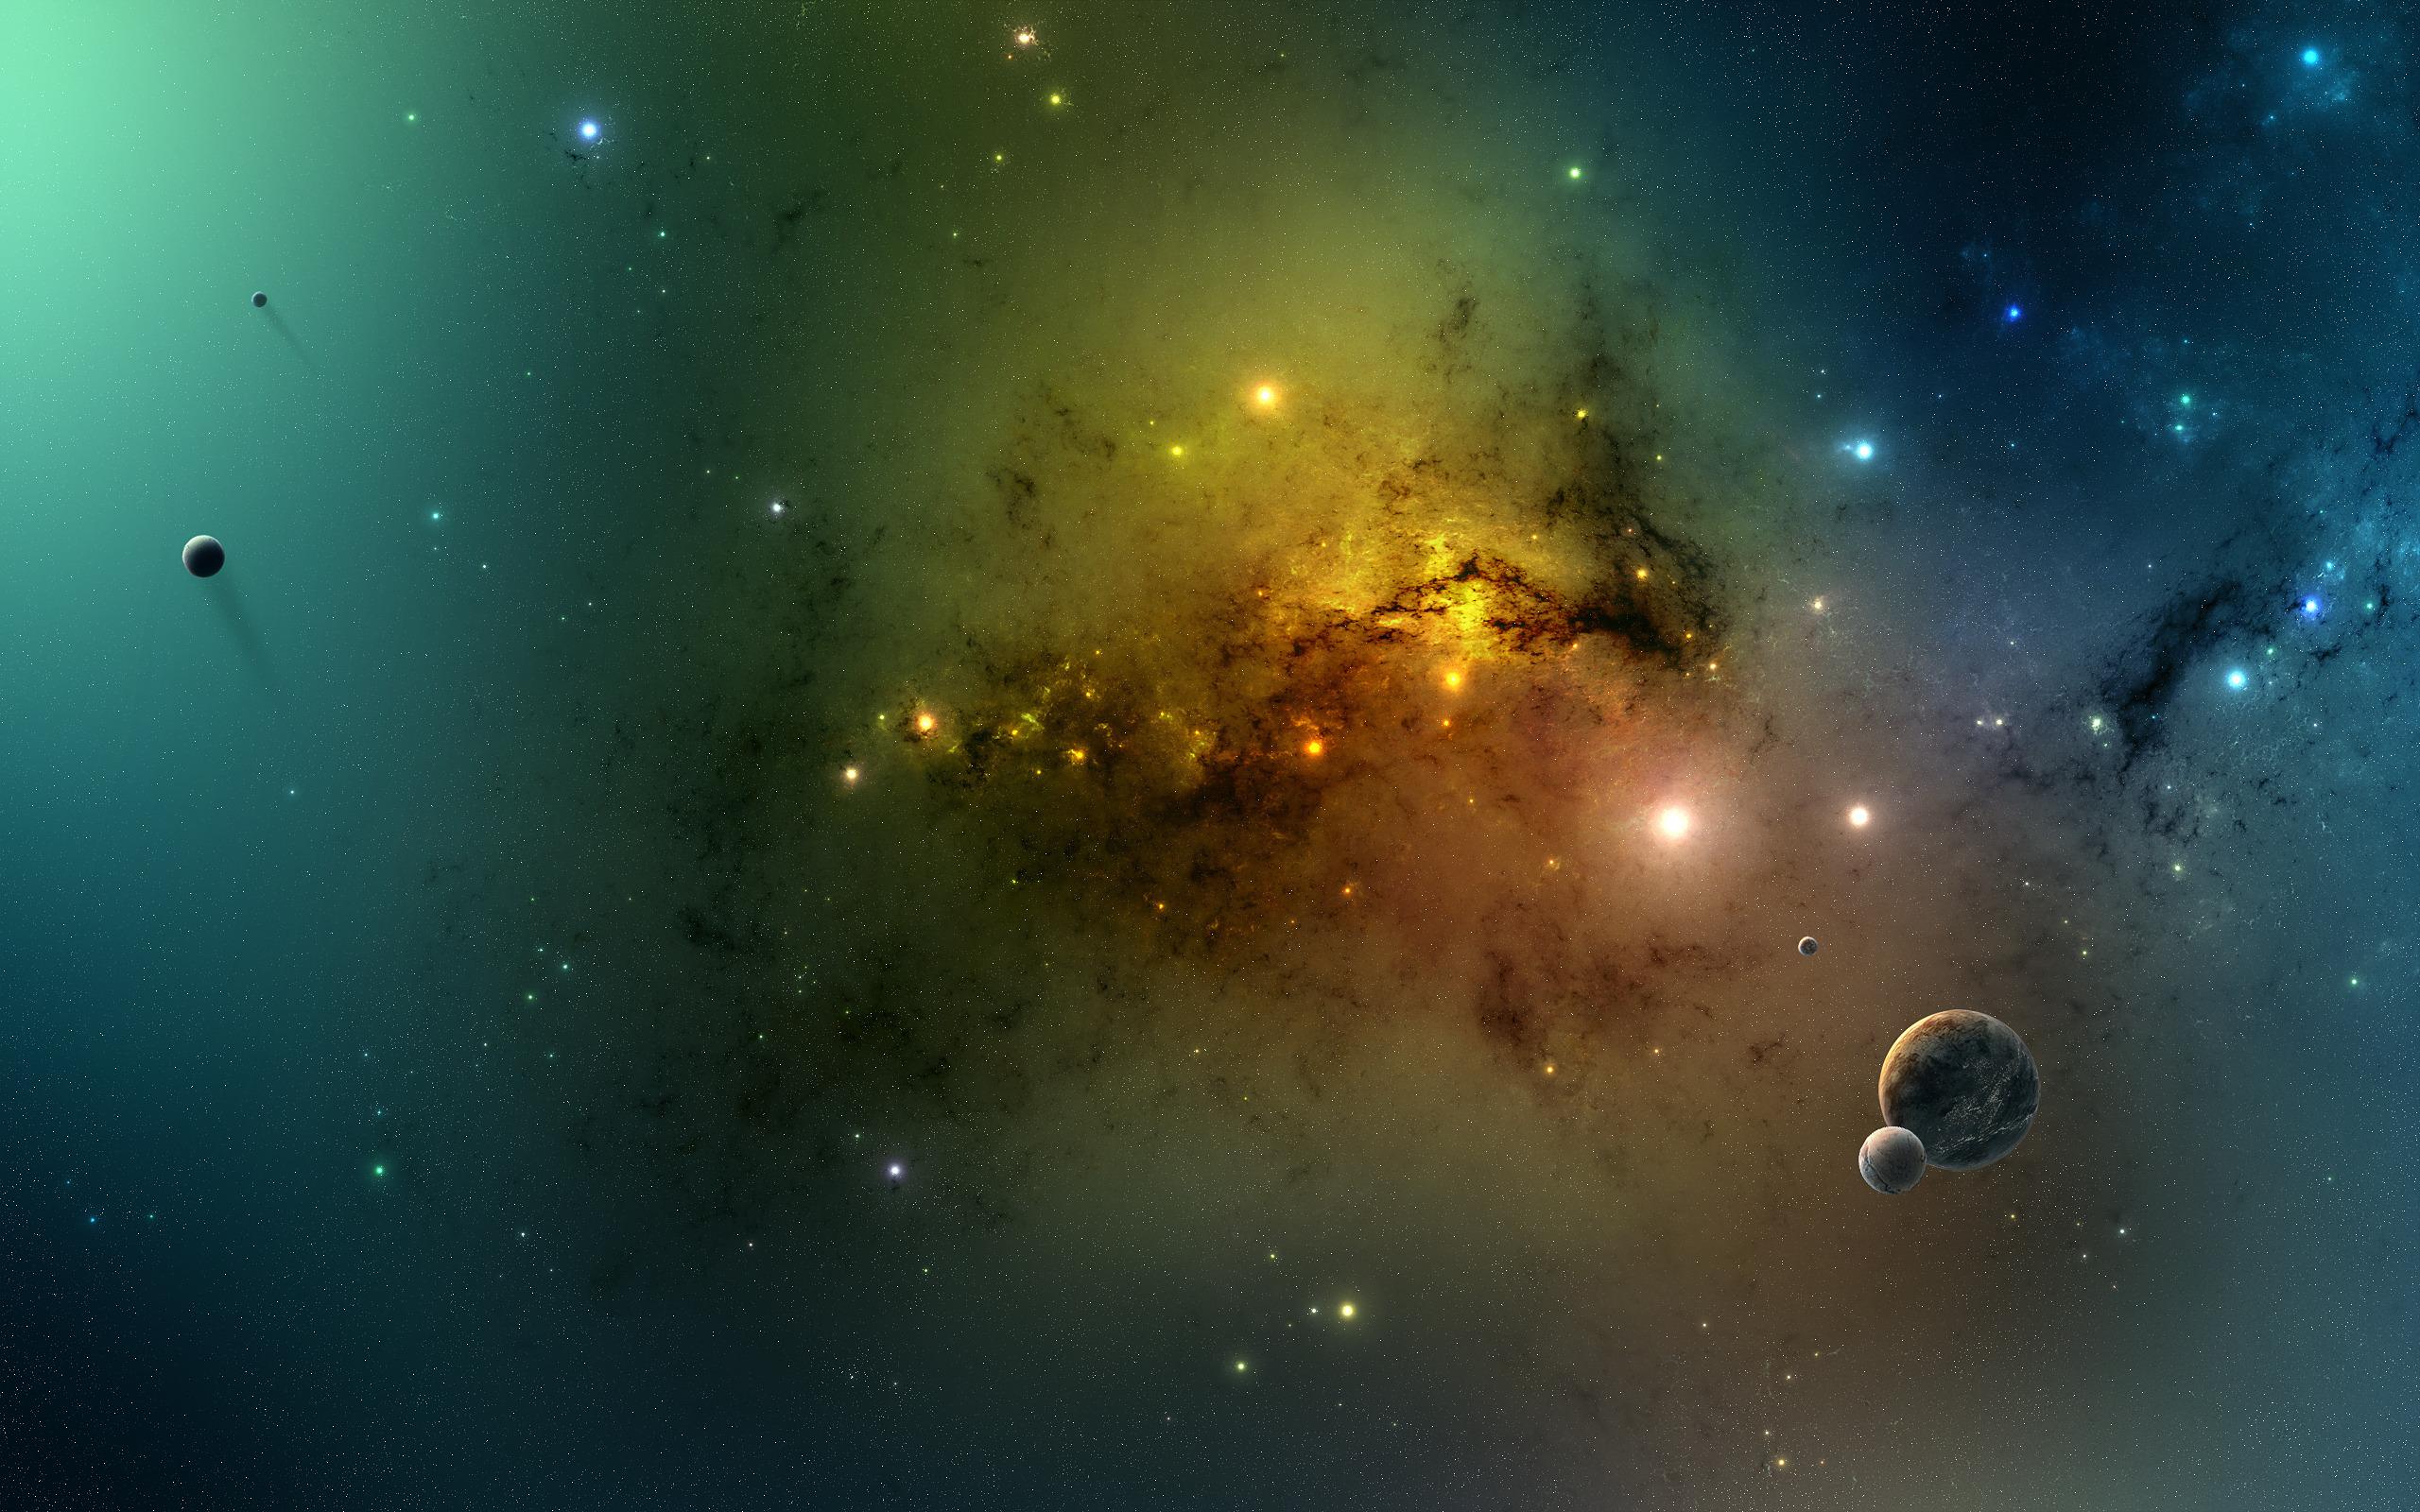 картинки космос звезды галактика фотографии старинный корпус